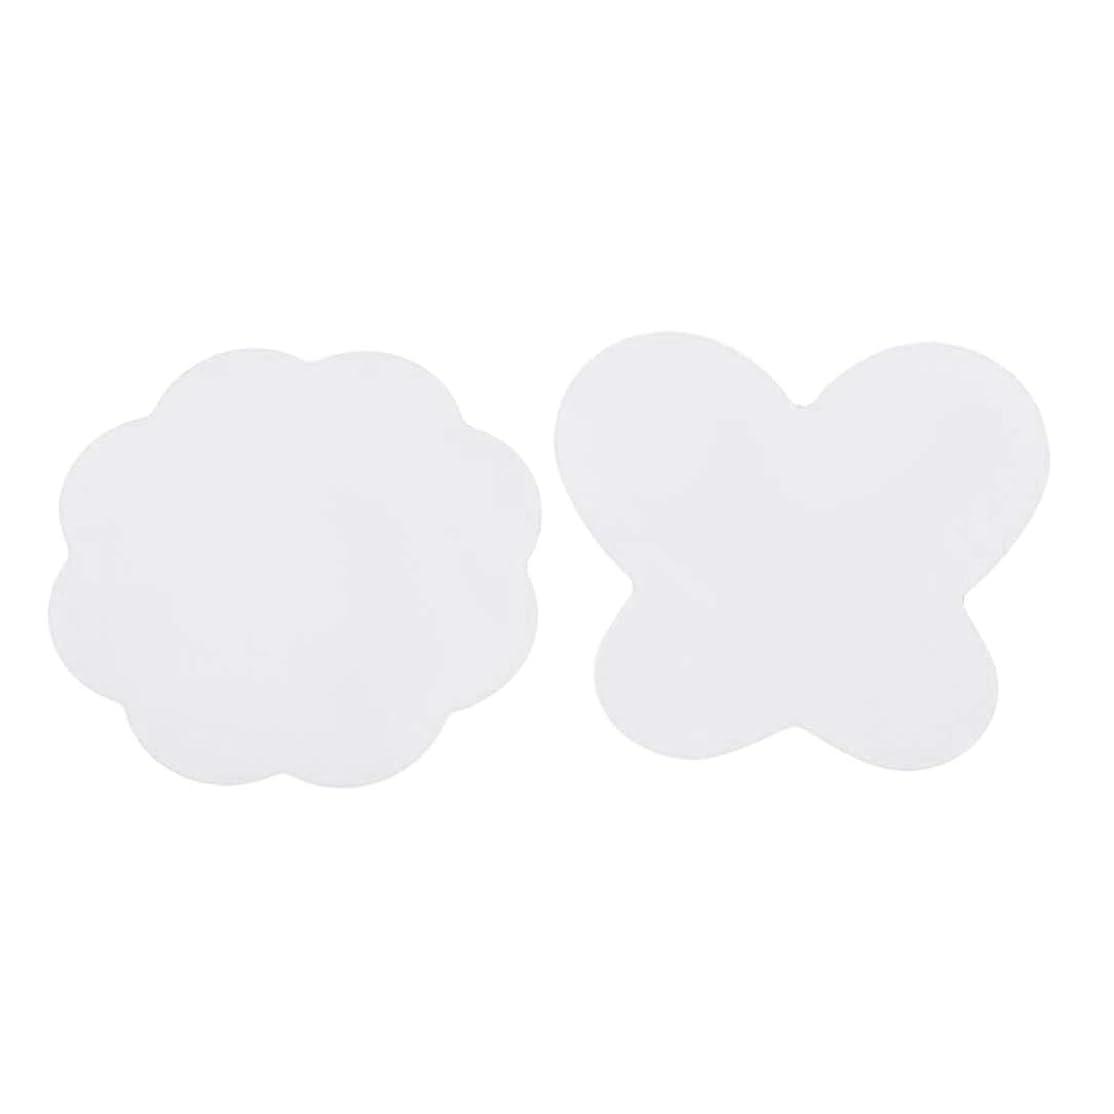 煩わしい自発的製品TOOGOO ネイルシリコンミキシングペイントパレットマット折り畳み式洗えるネイルアートスタンピングパッド-ローズホワイト